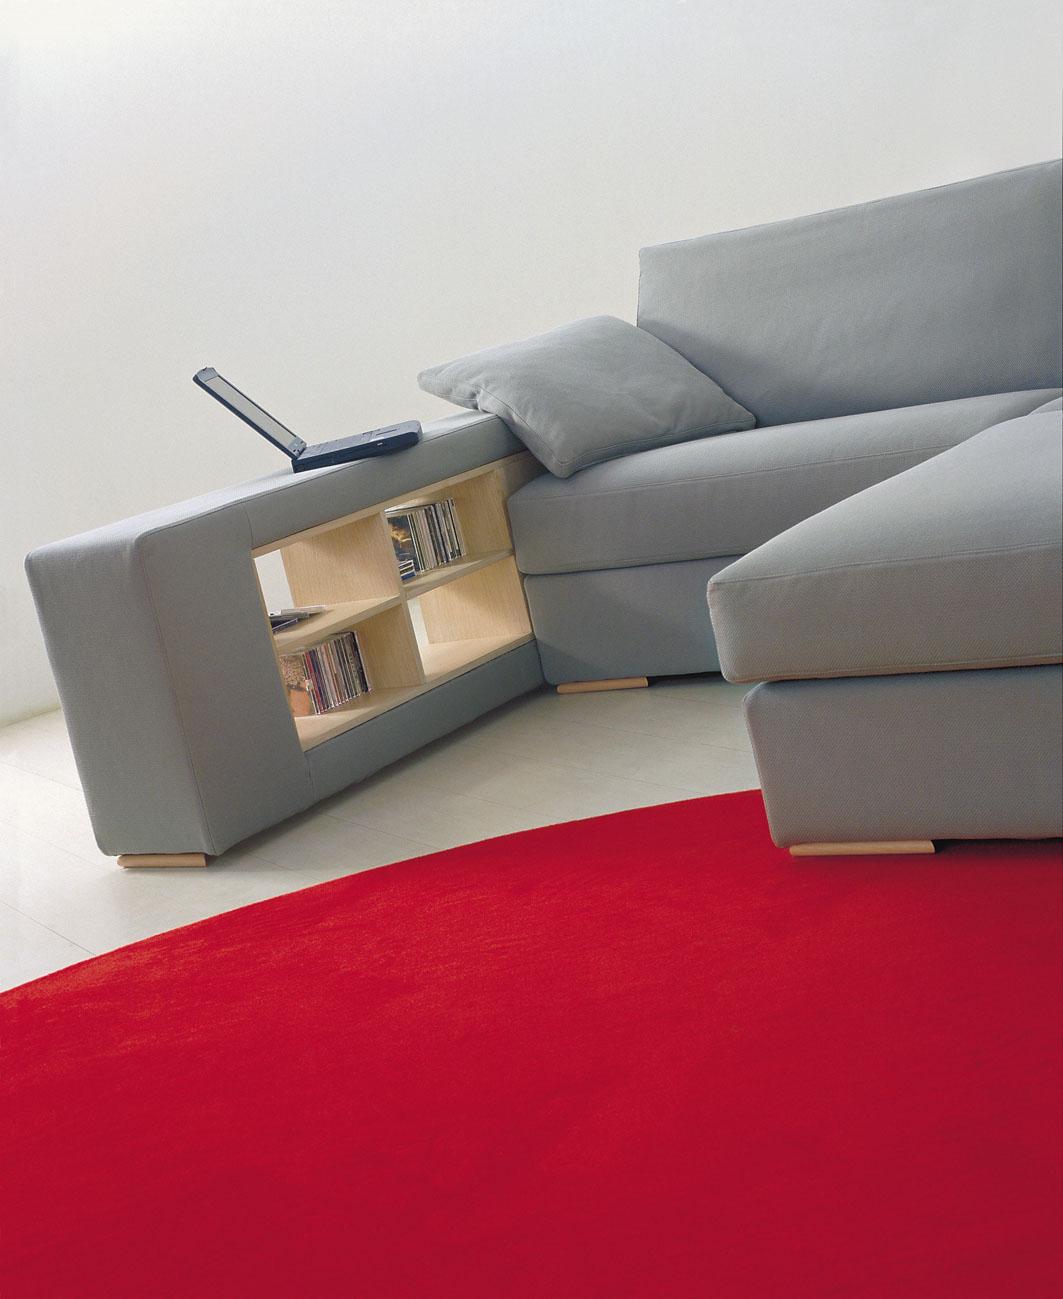 Divani e divani letto su misura divani componibili e angolari su misura - Divani letto su misura ...